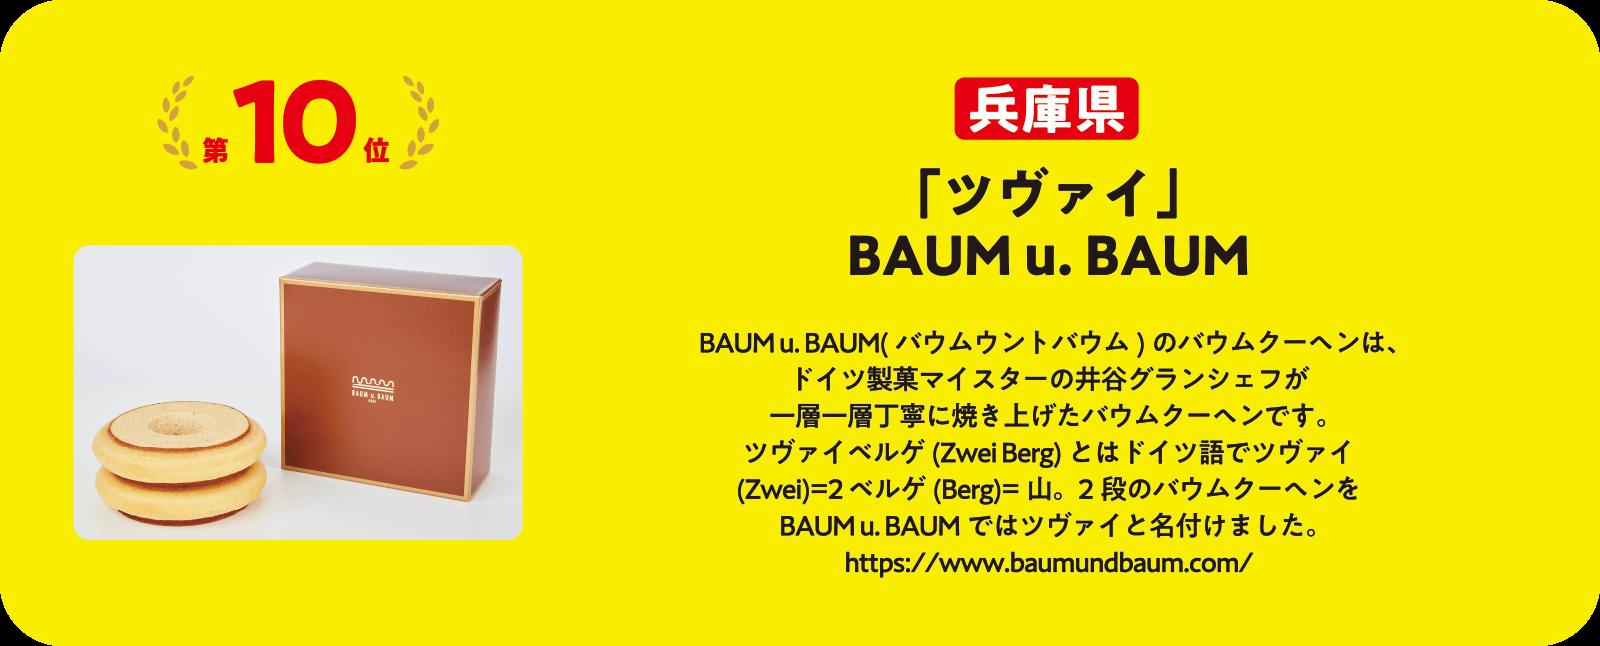 「ツヴァイ」 BAUM u. BAUM